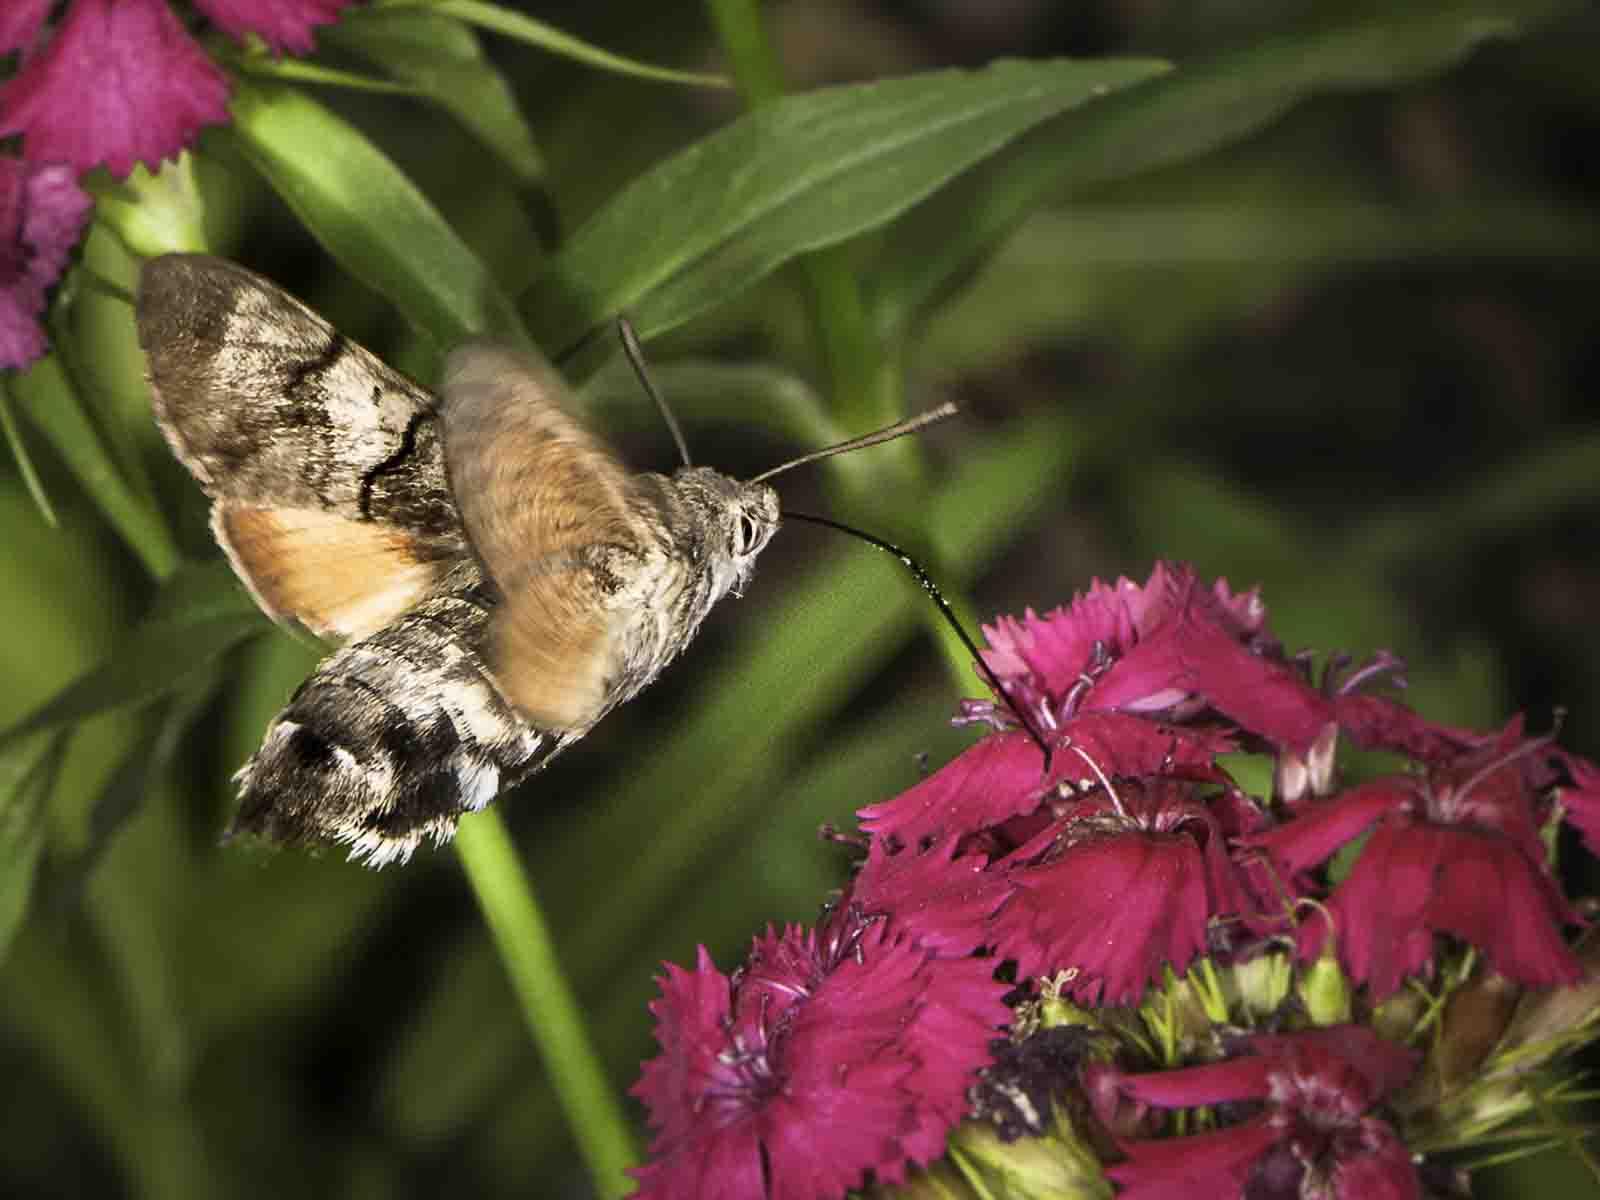 Mit Hilfe der langen Schuppen am Hinterleib, die an Schwanzfedern von Tauben erinnern und denen das Taubenschwänzchen seinen Namen verdankt, steuert es mit ausgerolltem Rüssel zielgenau vor der Bartnelkenblüte.